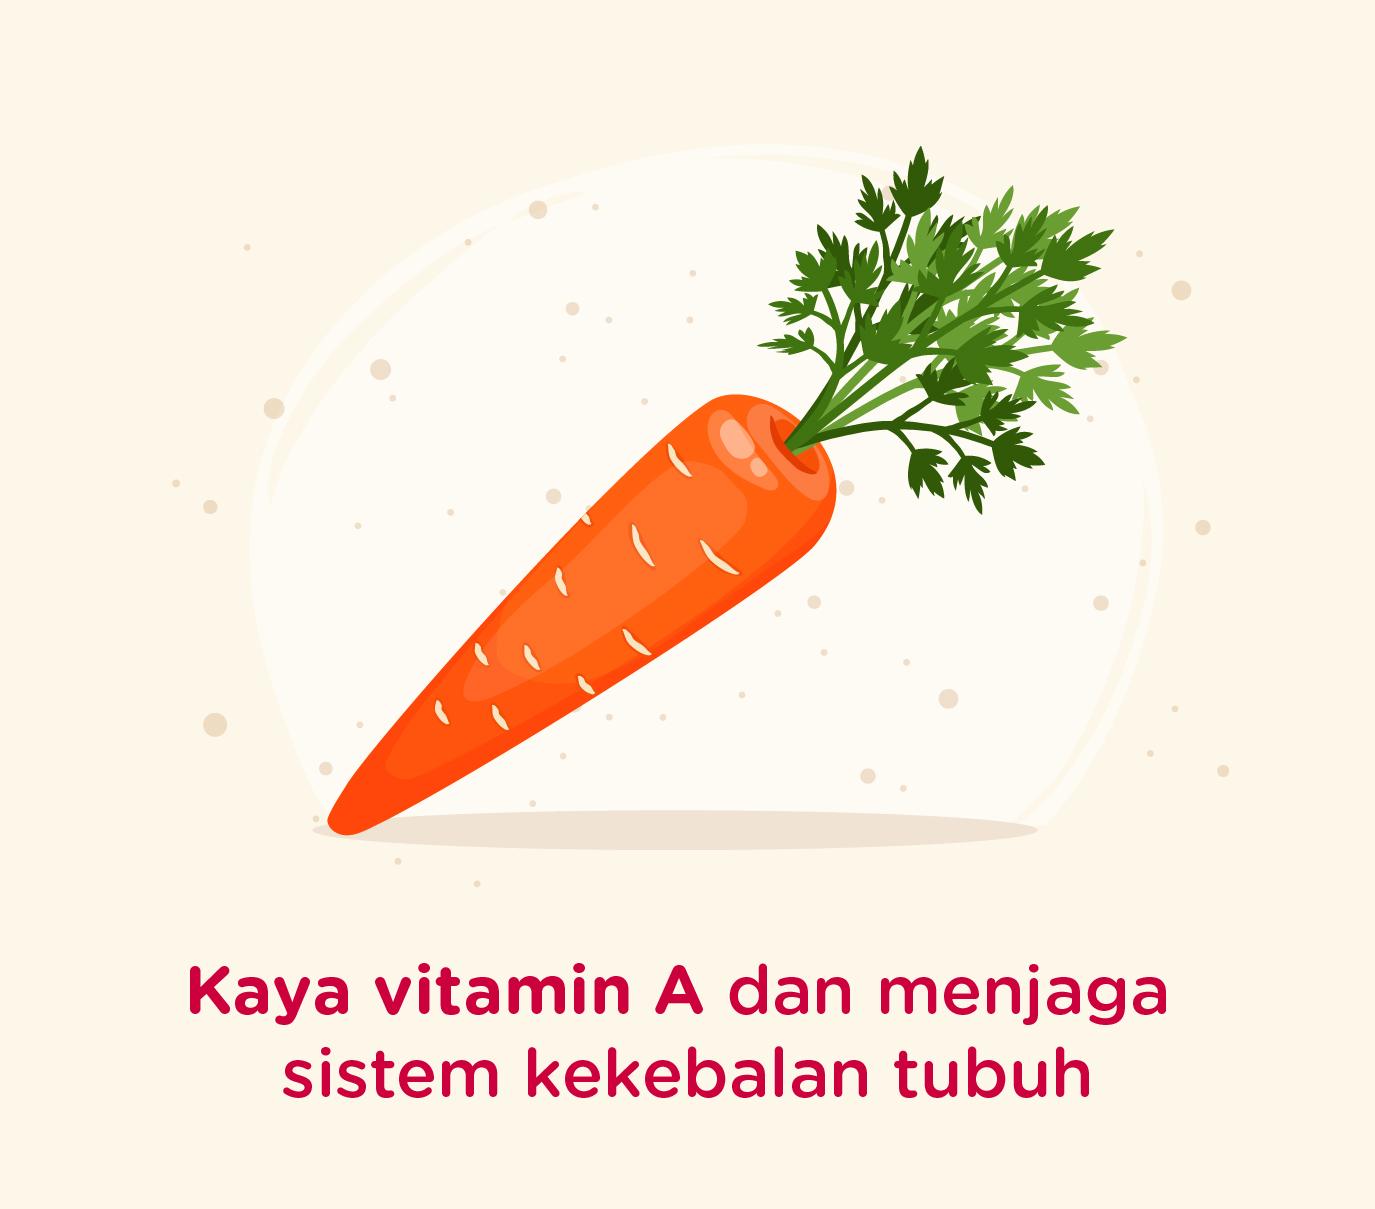 Wortel mengandung vitamin A dan kaya akan serat untuk pengidap diabetes